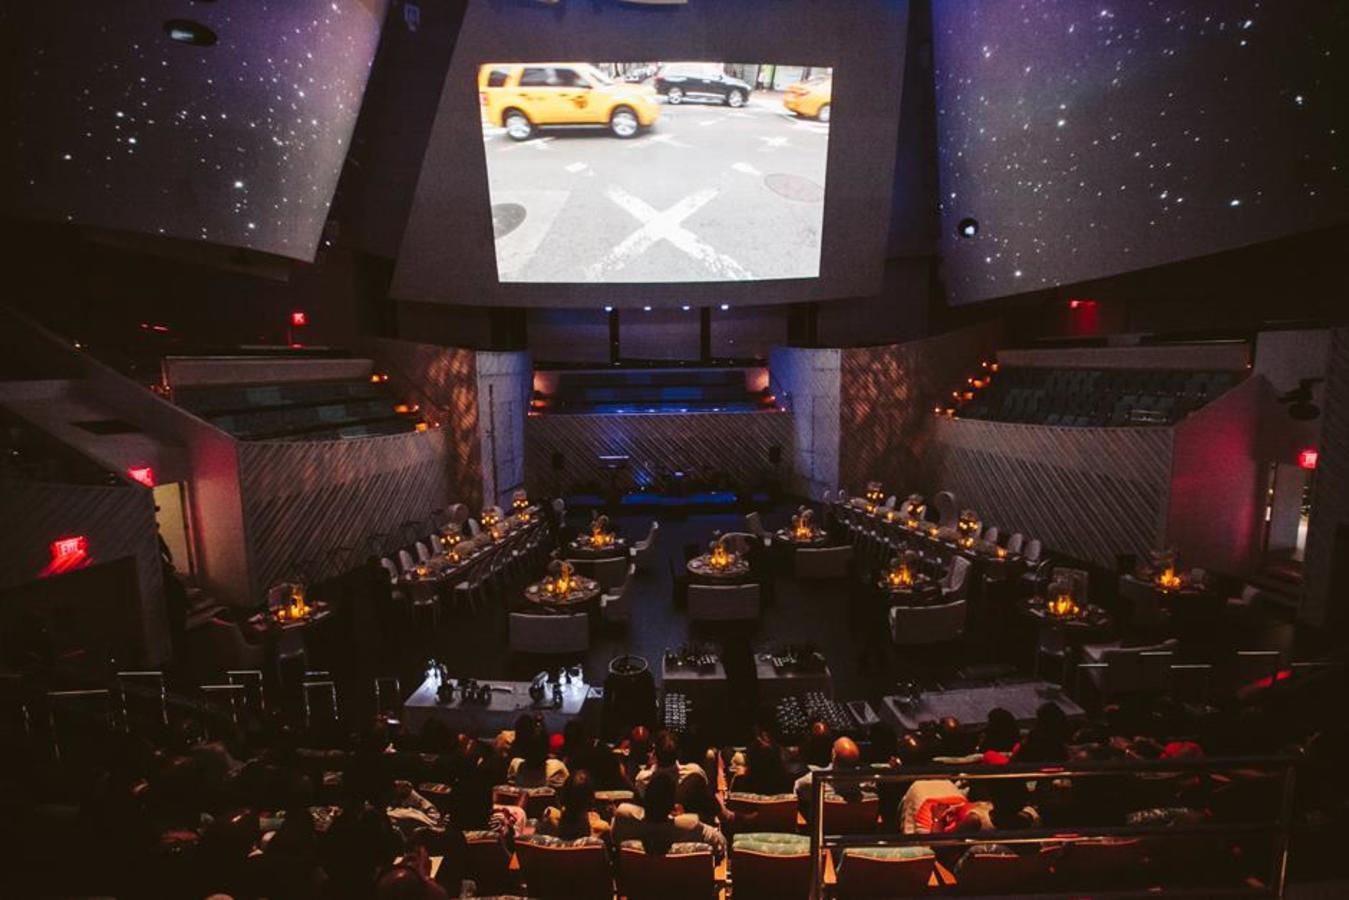 Performance Hall Plated Dinner auf der flachen Bühne Kein Einfahren mit Vorwärtsprojektion